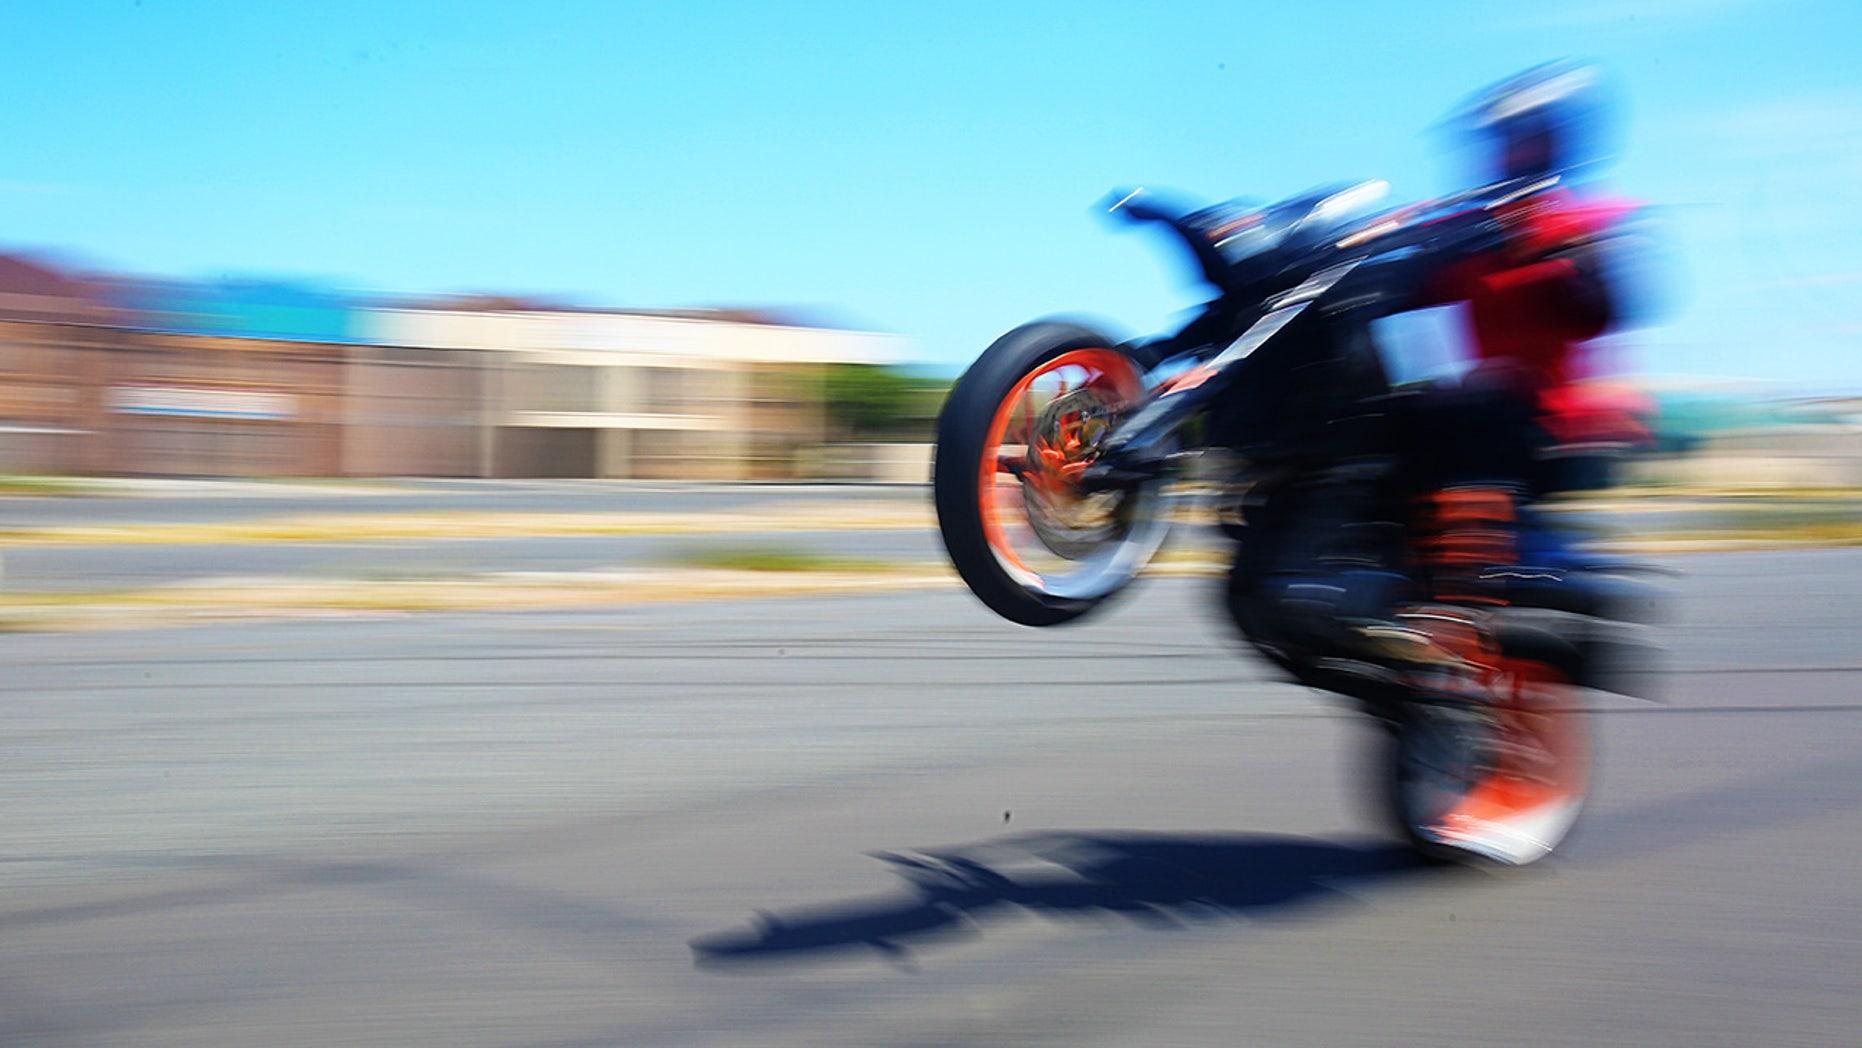 Biker pops a wheelie on asphalt street with blurred motion